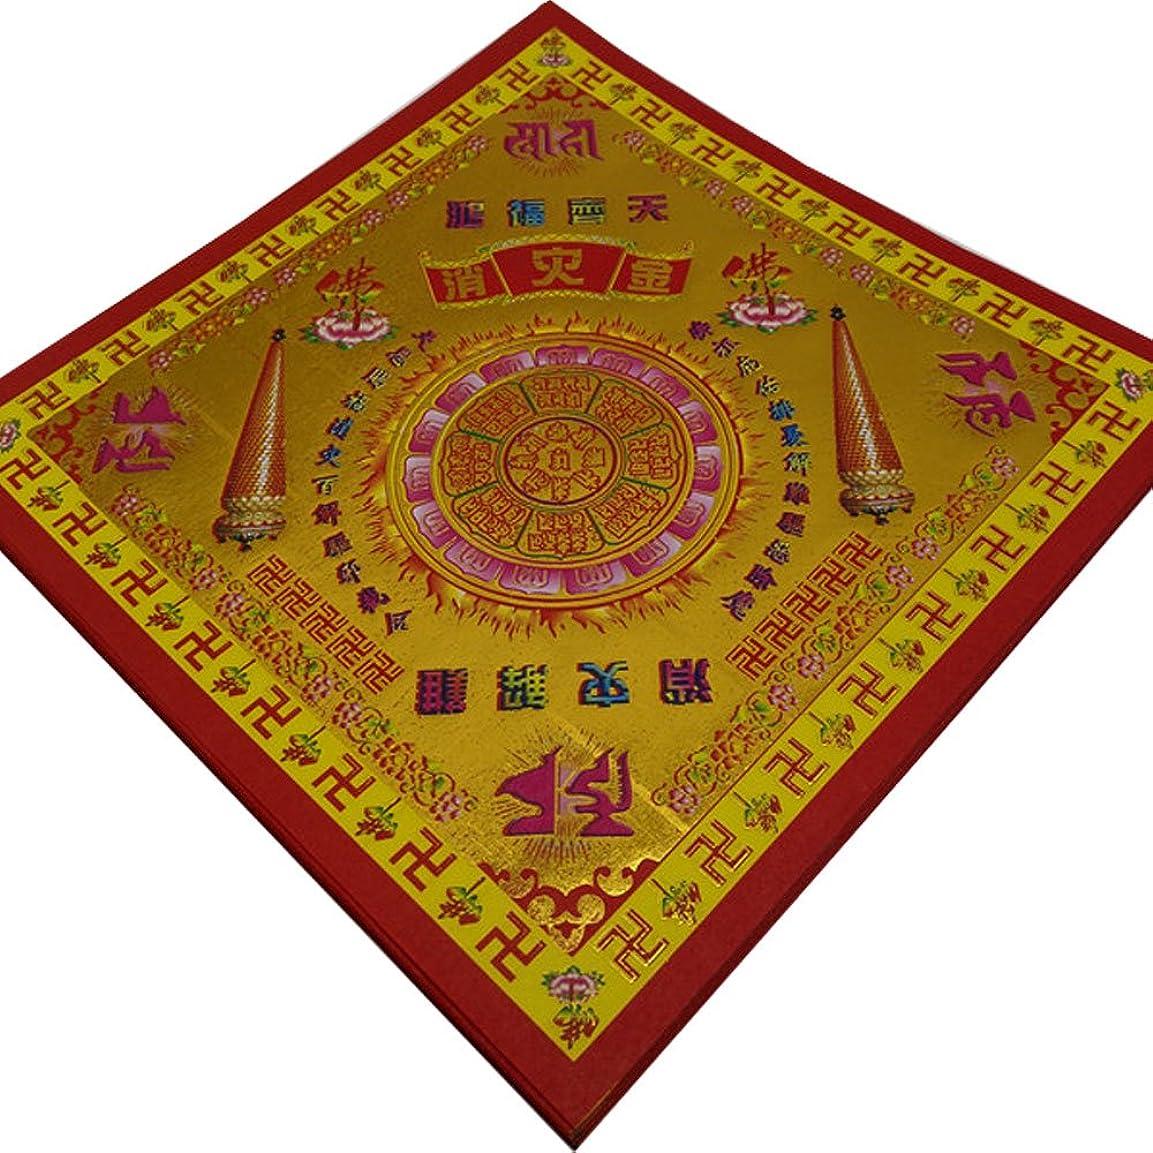 こする促す主要なzeestar 40個Incense用紙/Chinese Joss用紙yellow-goldの祖先Praying、Qingming festivaland and the HungryゴーストFestival?–?7.67インチx 7.67インチ